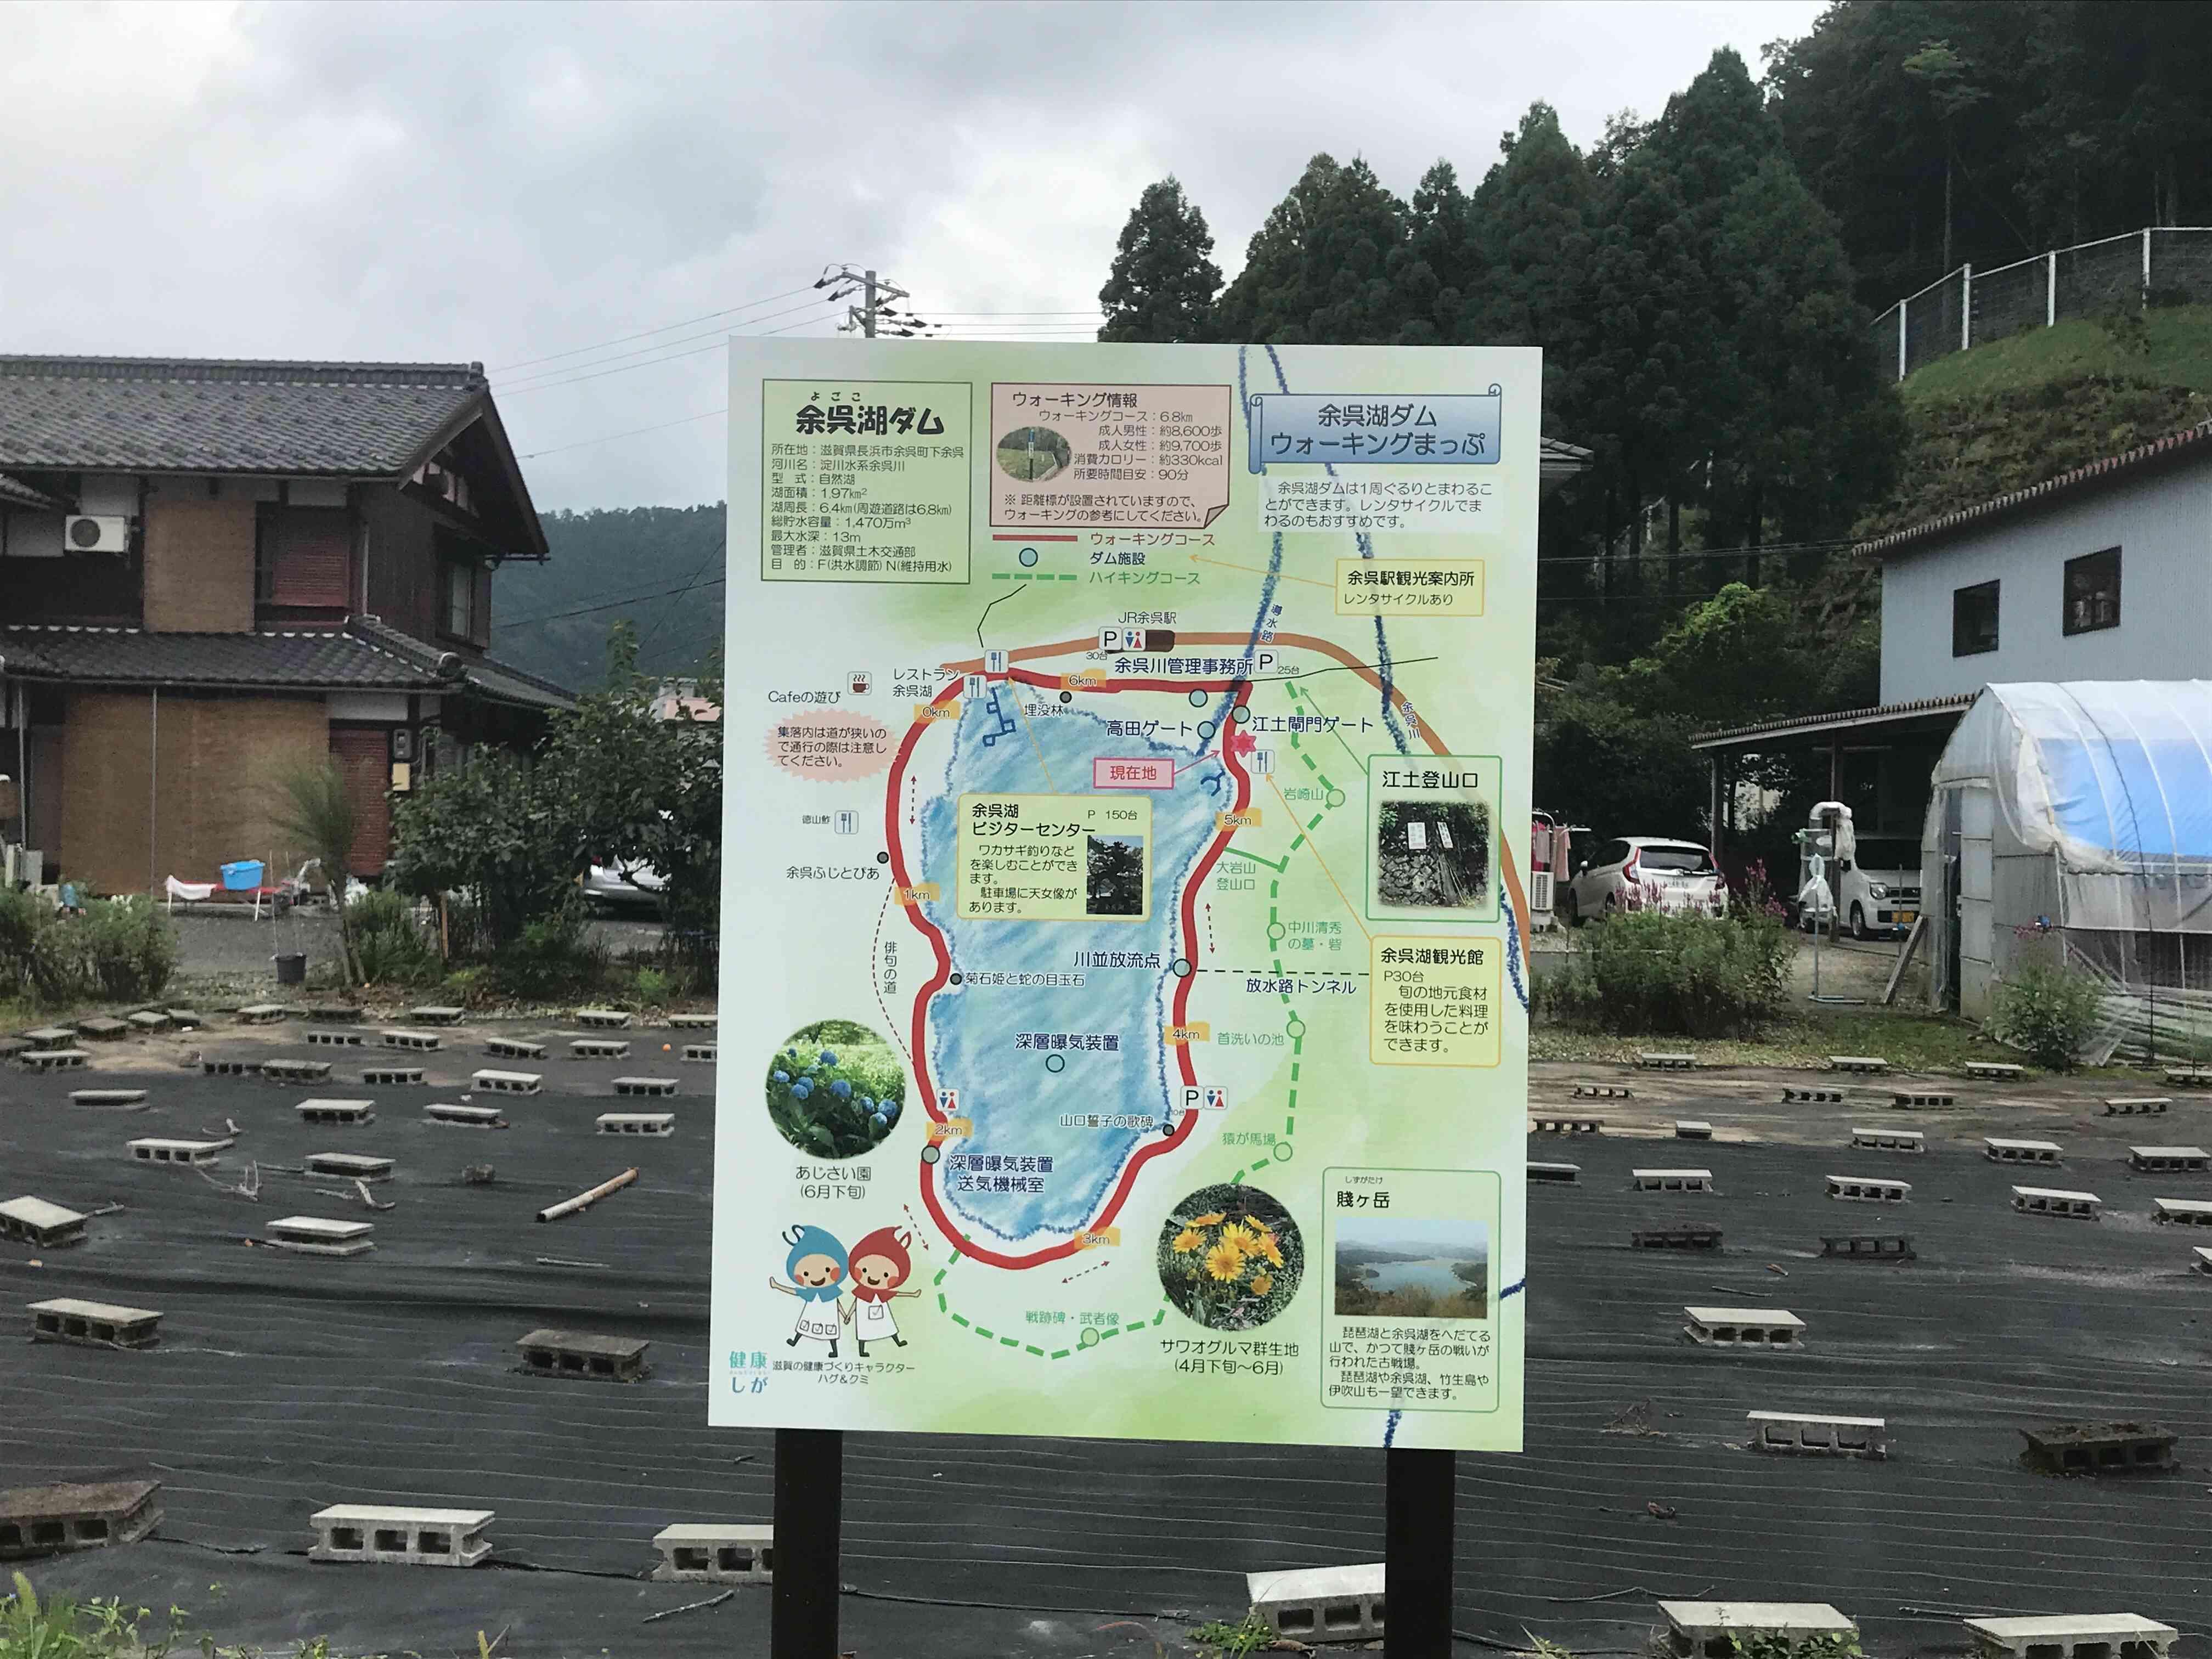 余呉湖観光マップ看板